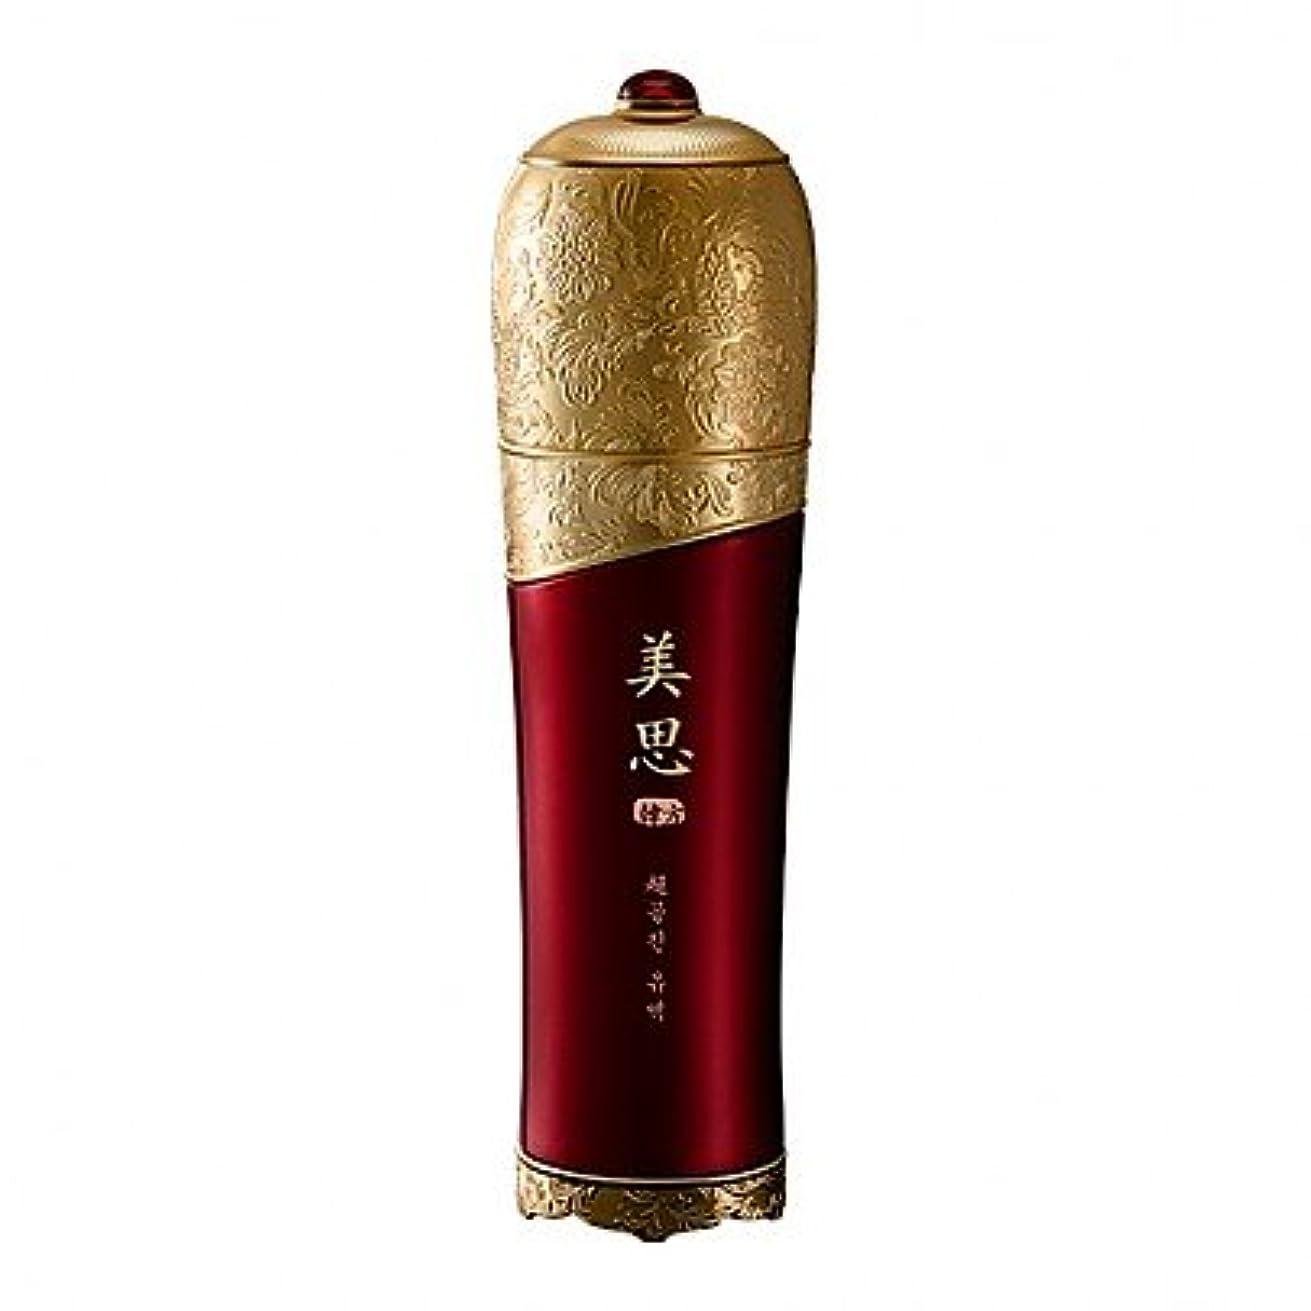 ゆり影響力のある青MISSHA/ミシャ チョゴンジン 乳液 (旧チョボヤン) 125ml[海外直送品]